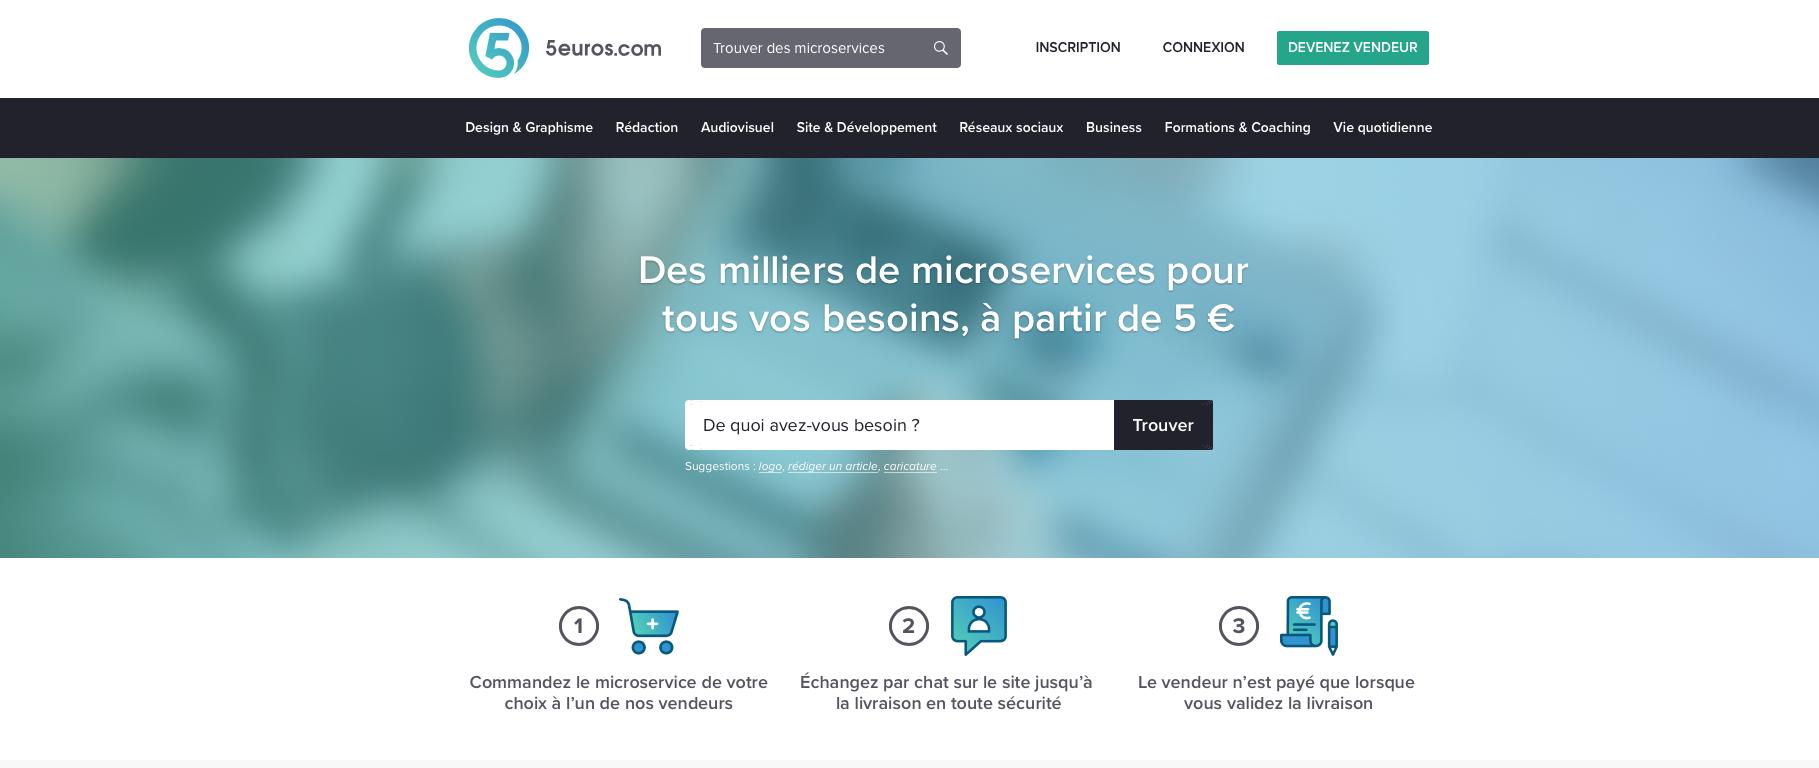 5euros : avis sur le site de freelance (avis acheteur et avis côté freelanceurs)